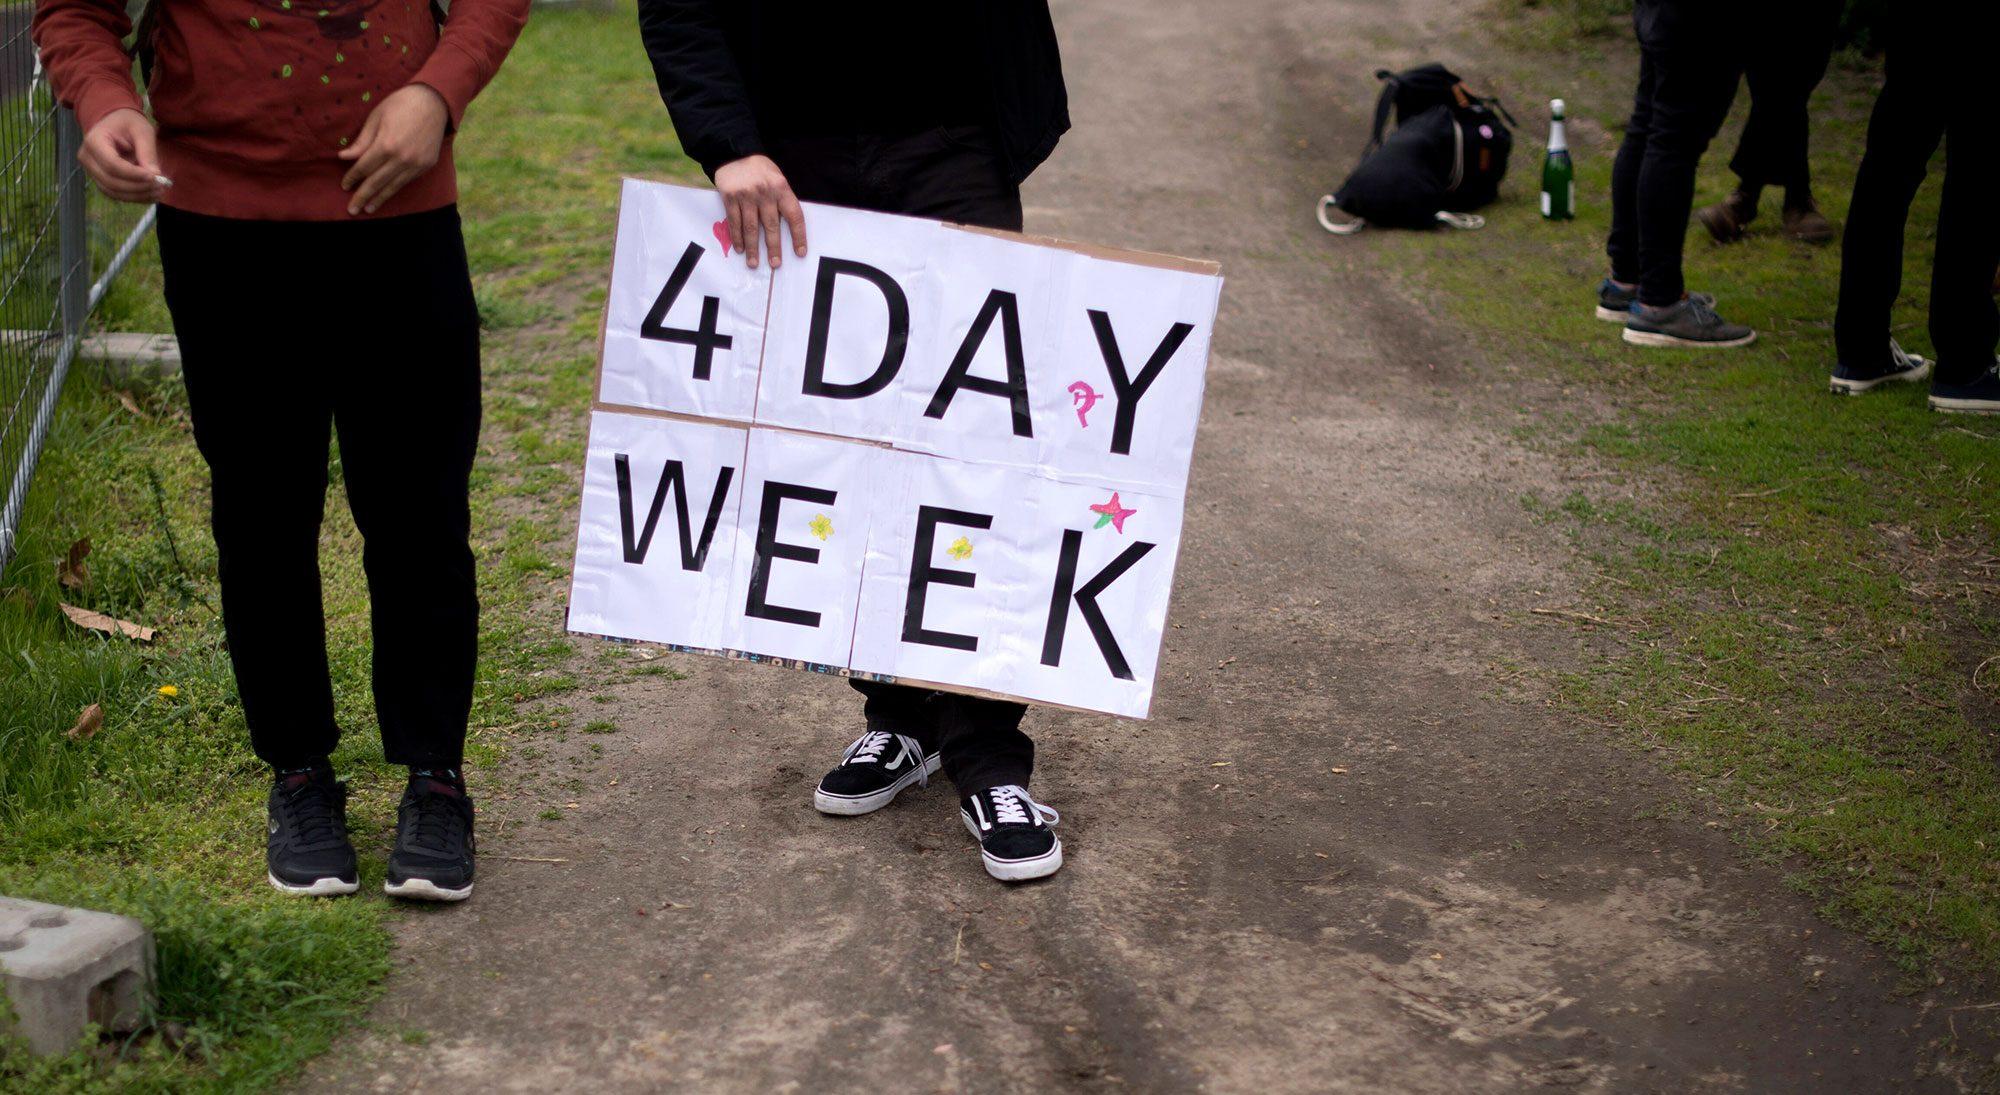 La Semana de Cuatro Días